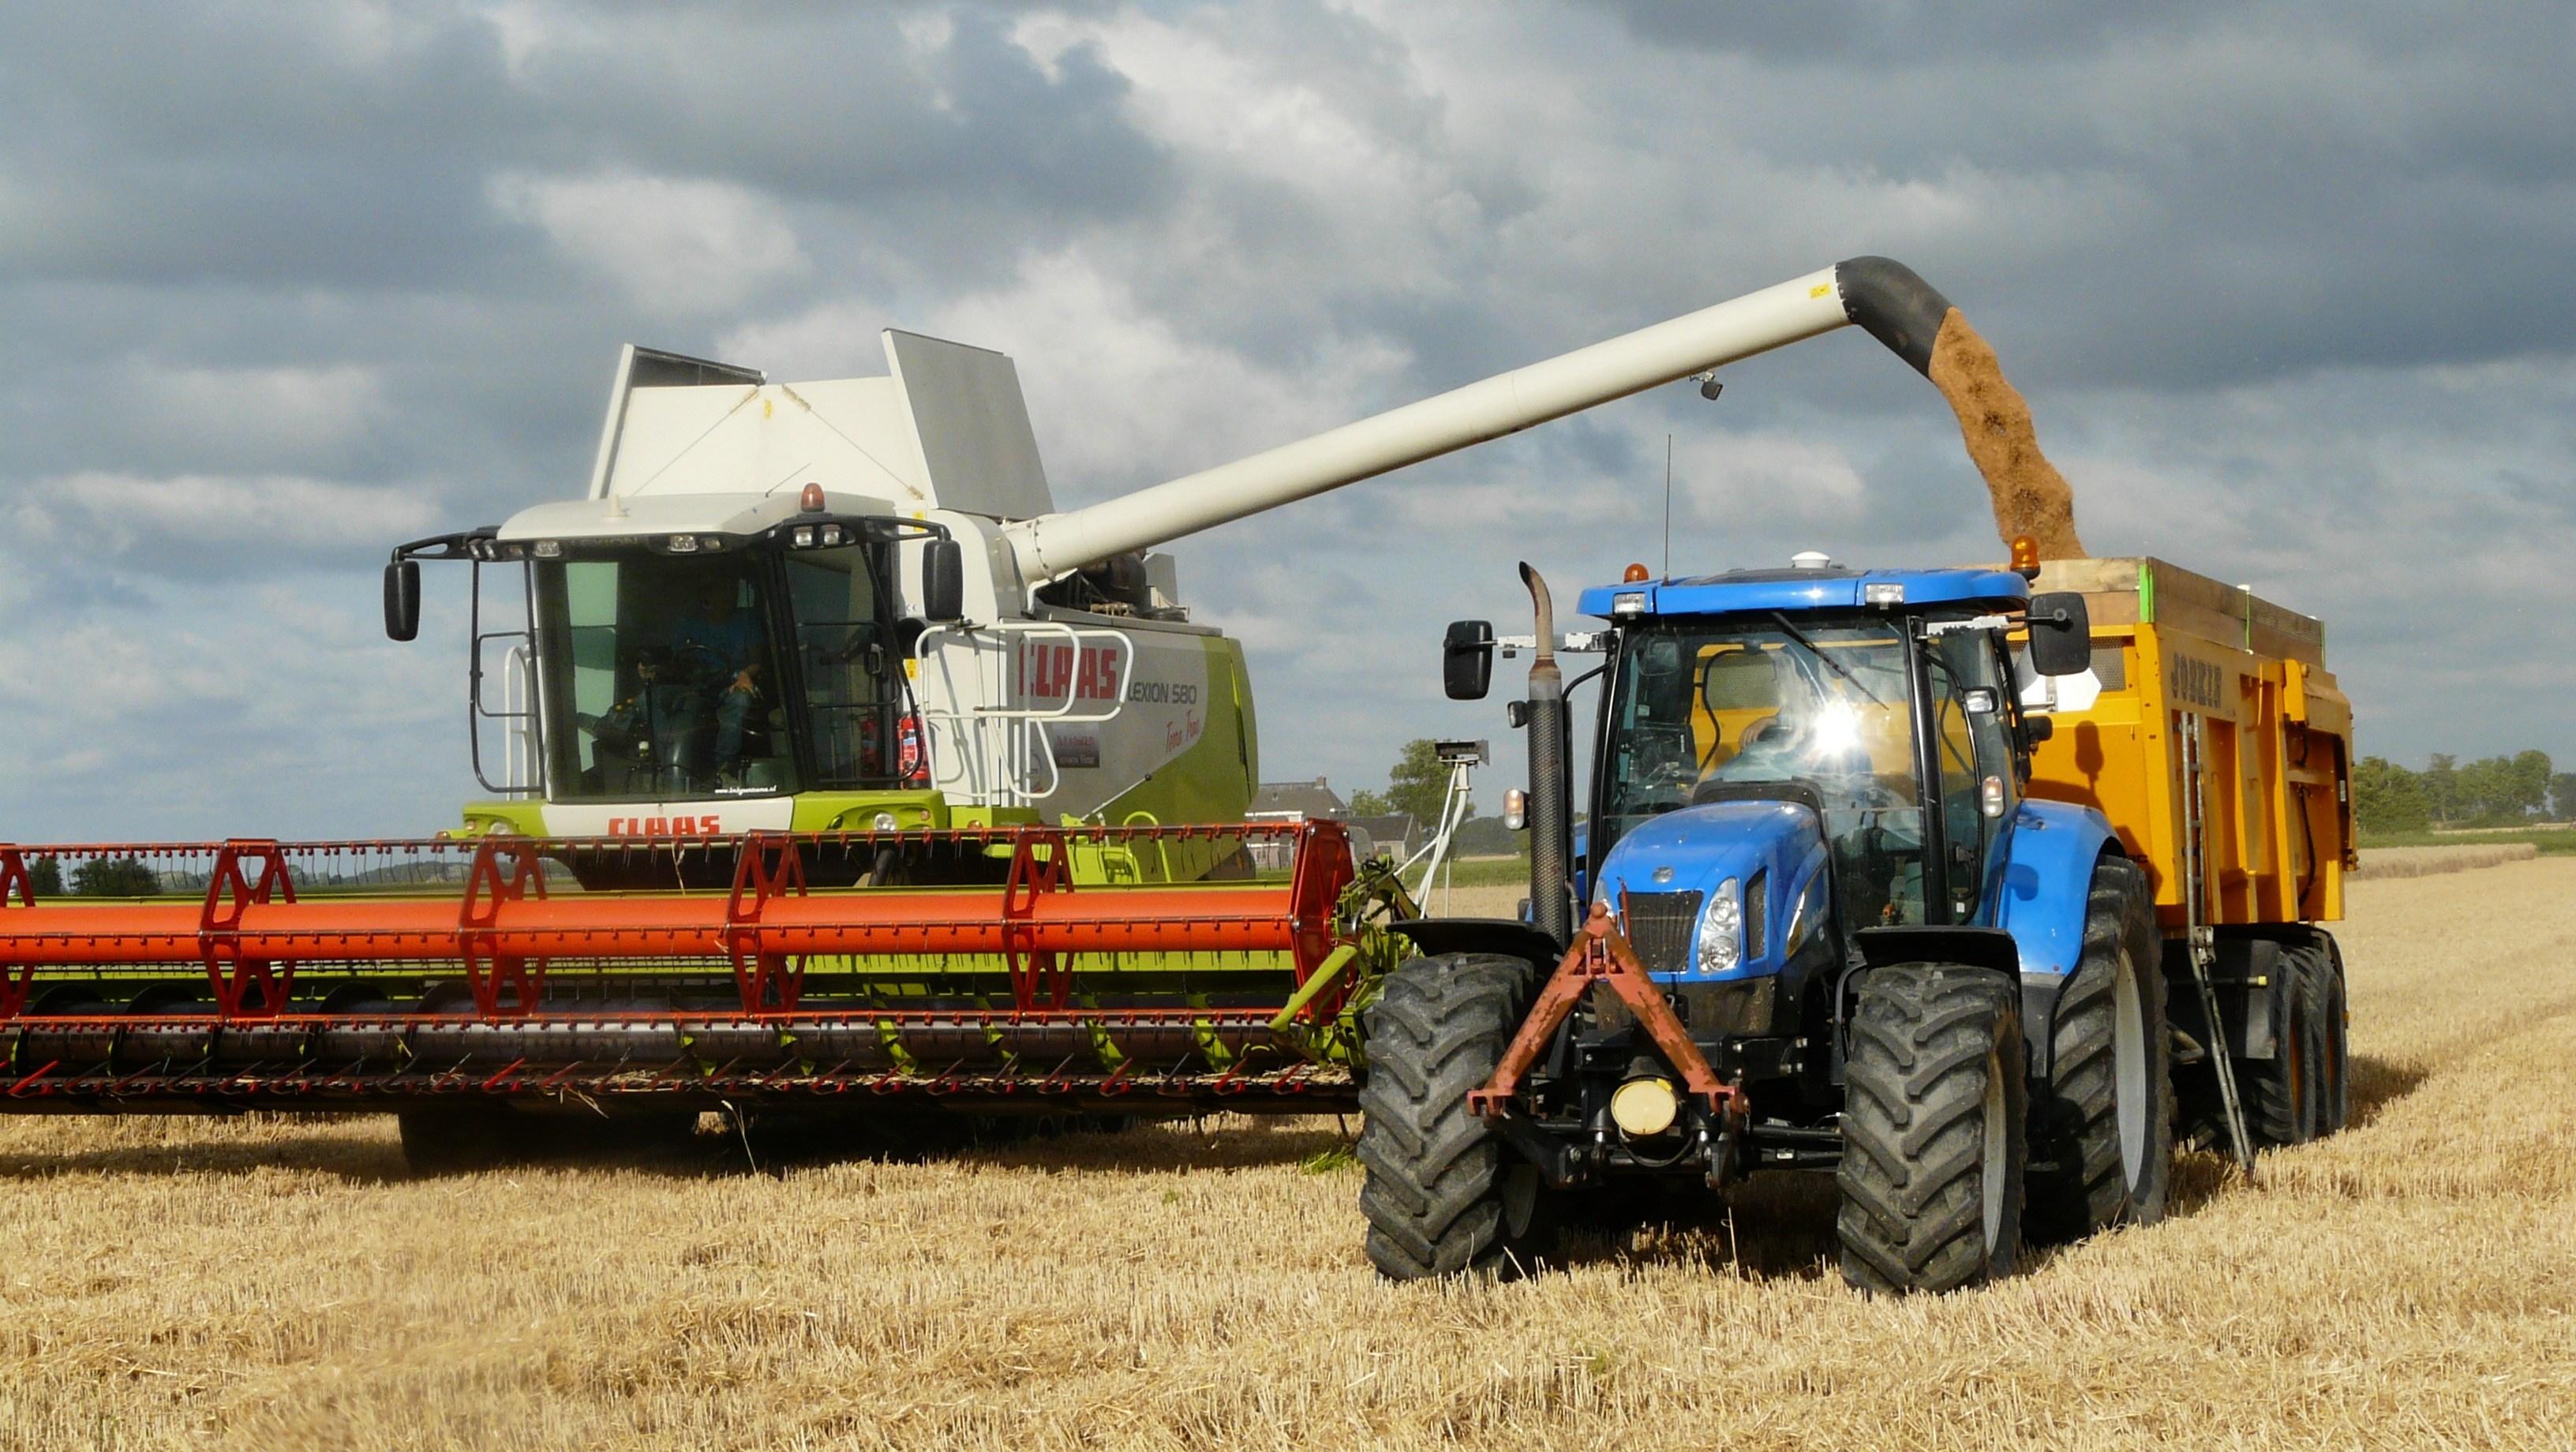 Lad landbrugsmaskiner gør arbejdet for dig på gården